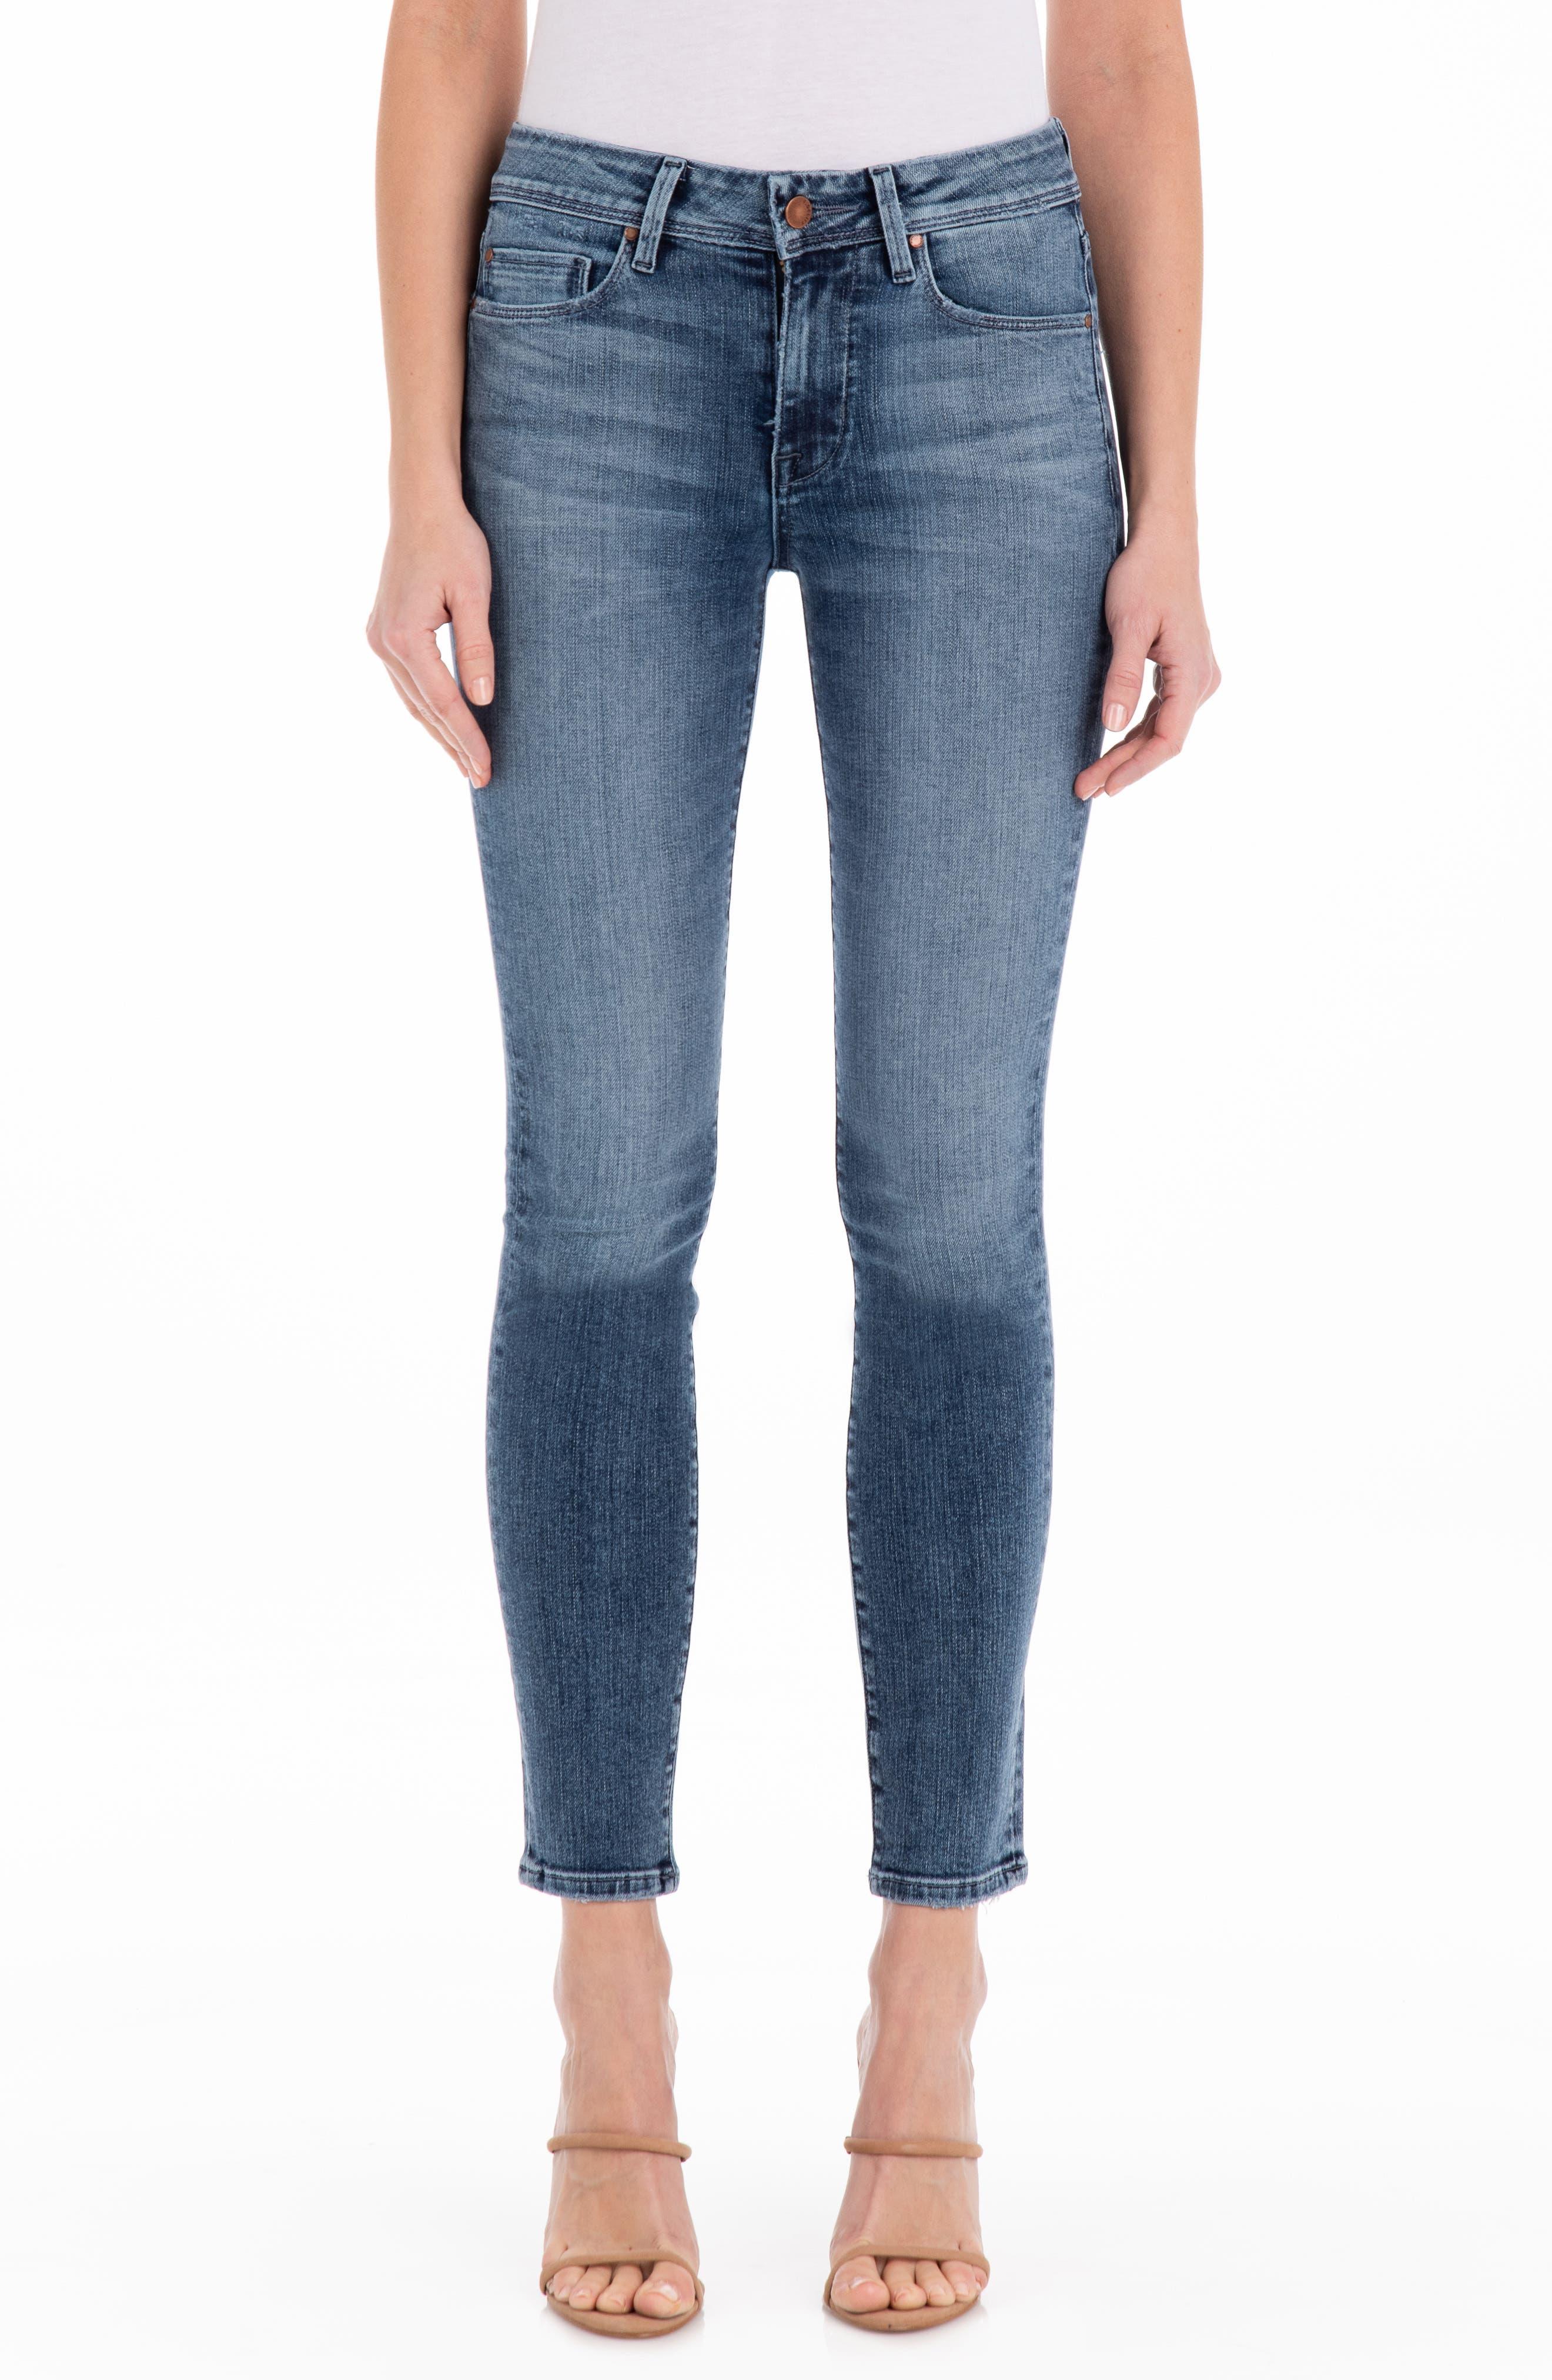 Women's Fidelity Sola Mid Rise Skinny Jeans